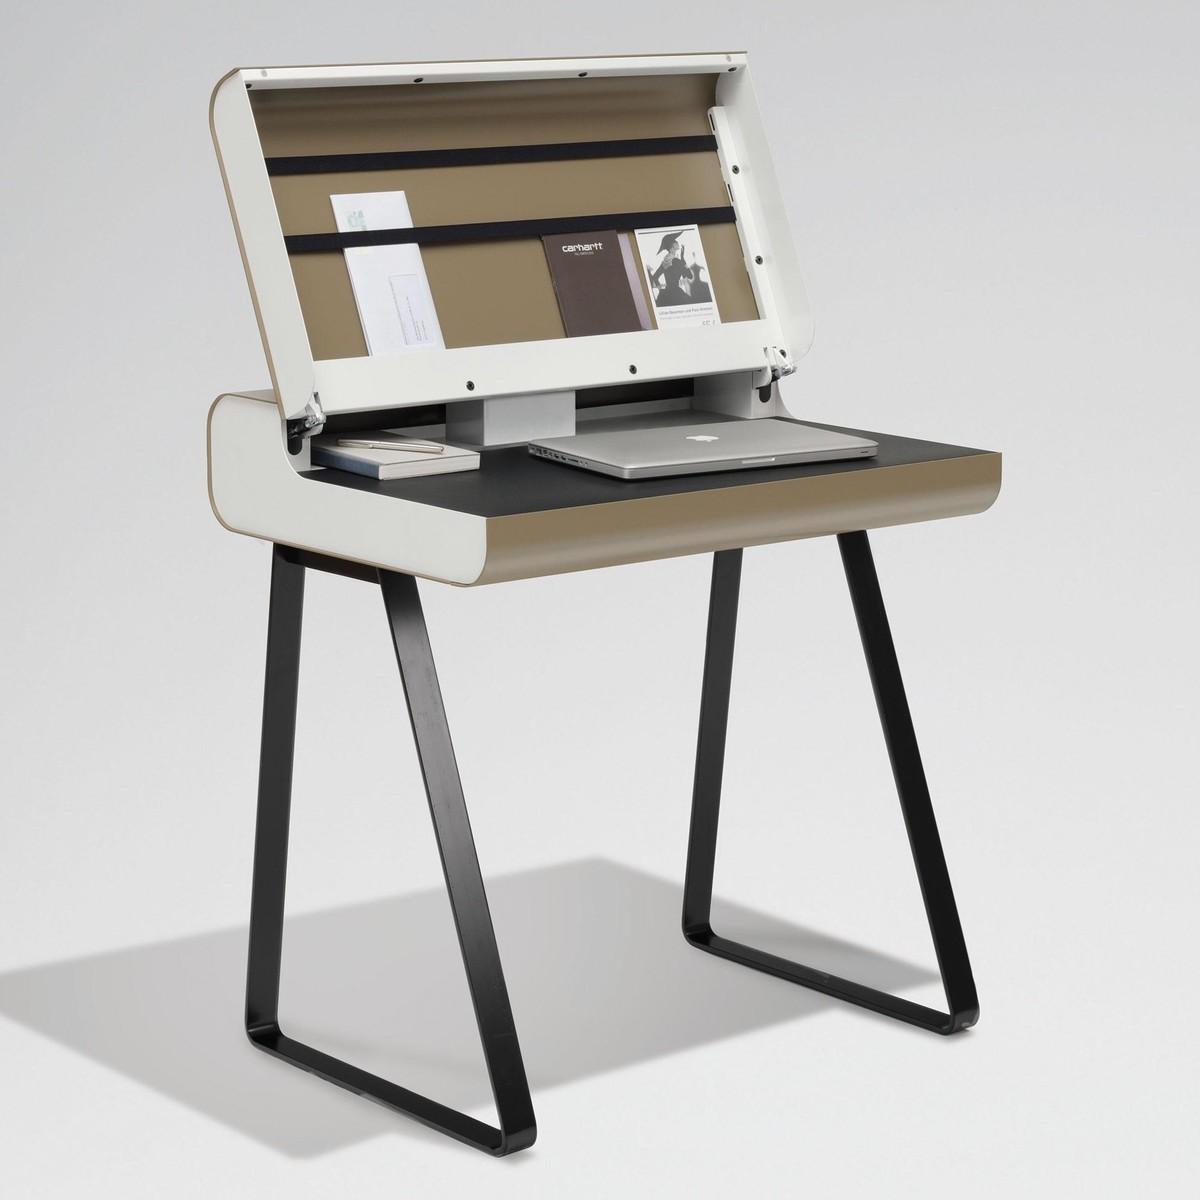 ps08 sekret r m ller m belfabrikation. Black Bedroom Furniture Sets. Home Design Ideas